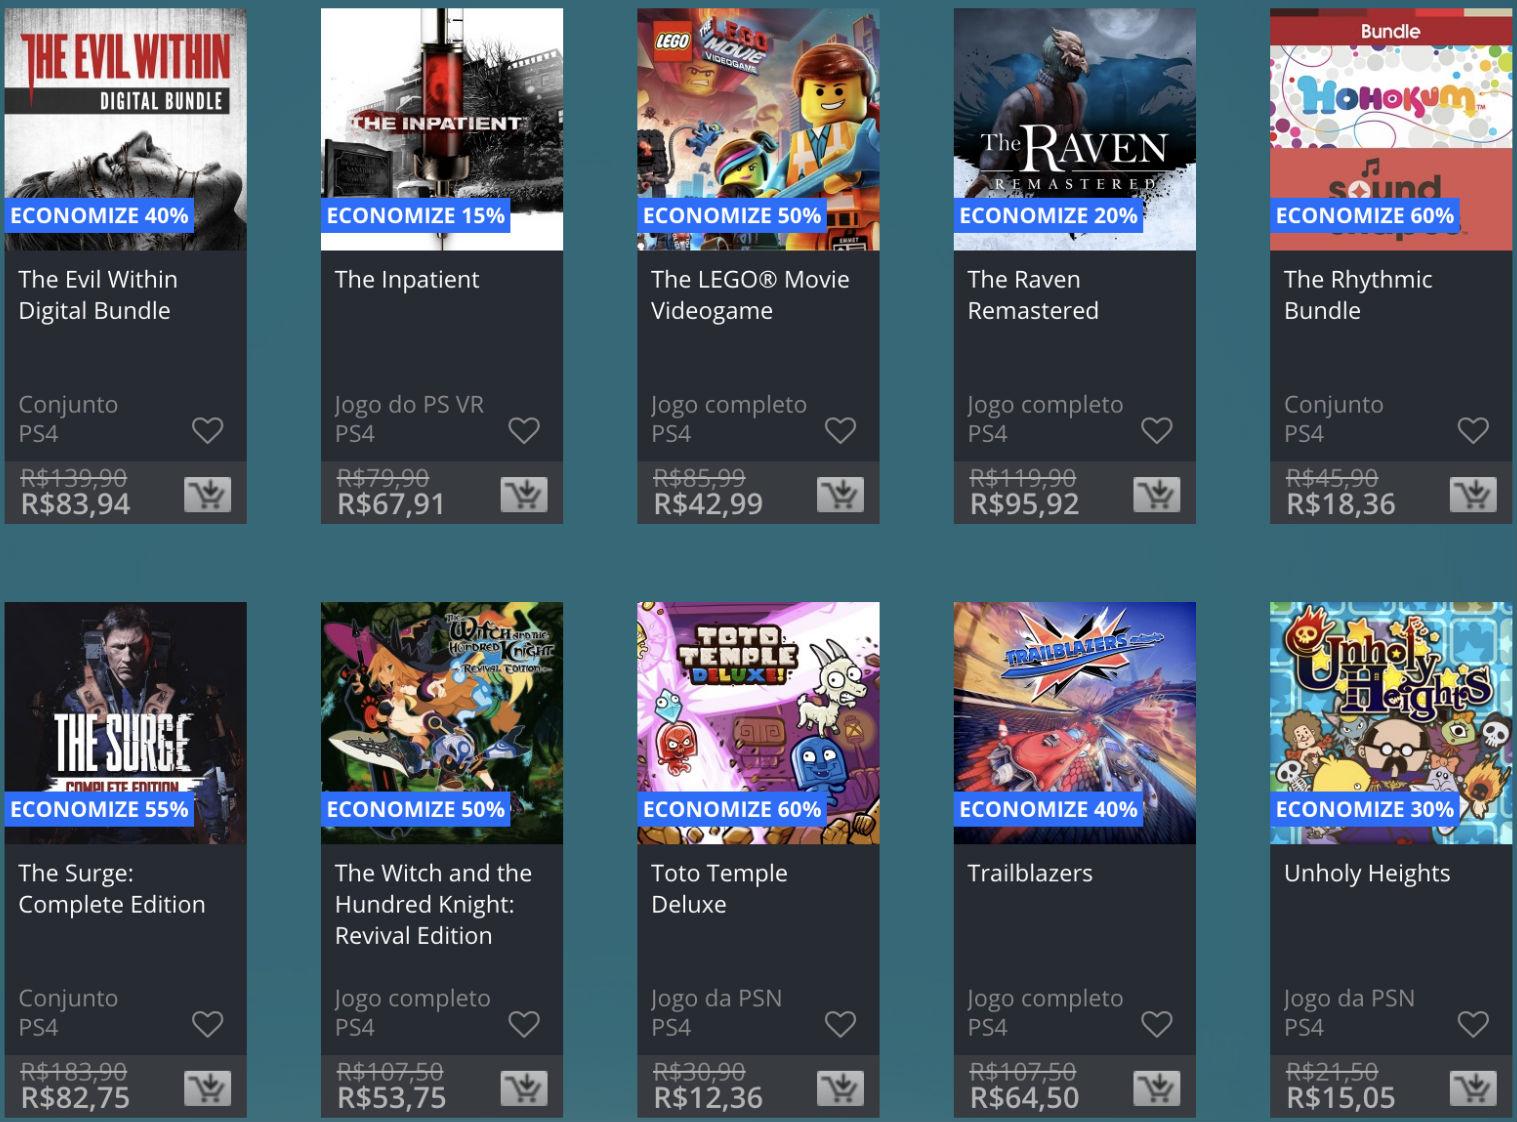 Promoção de Meio do Ano na PS Store com mais de 600 itens com preços que variam de R$ 10 a R$ 200 37